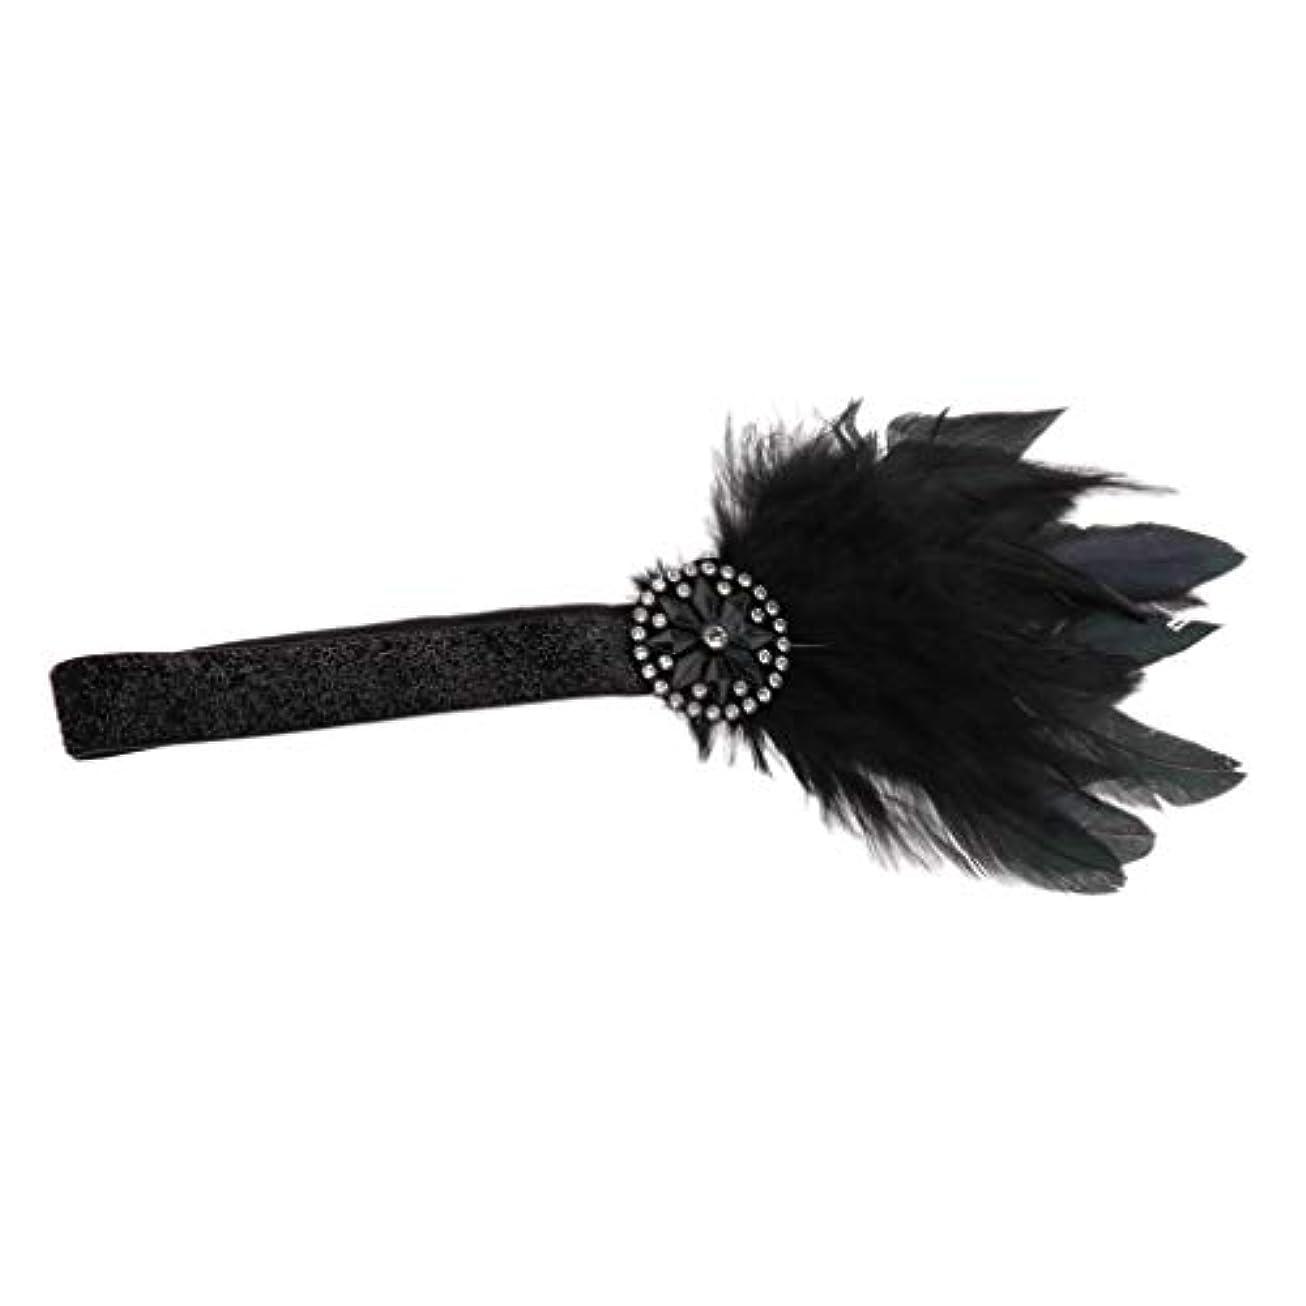 ピカリング保険をかける買収ビーズ ヘアバンド 羽柄 髪飾り カチューシャ ヘアアクセサリー フォーマル 成人式 結婚式 黒い